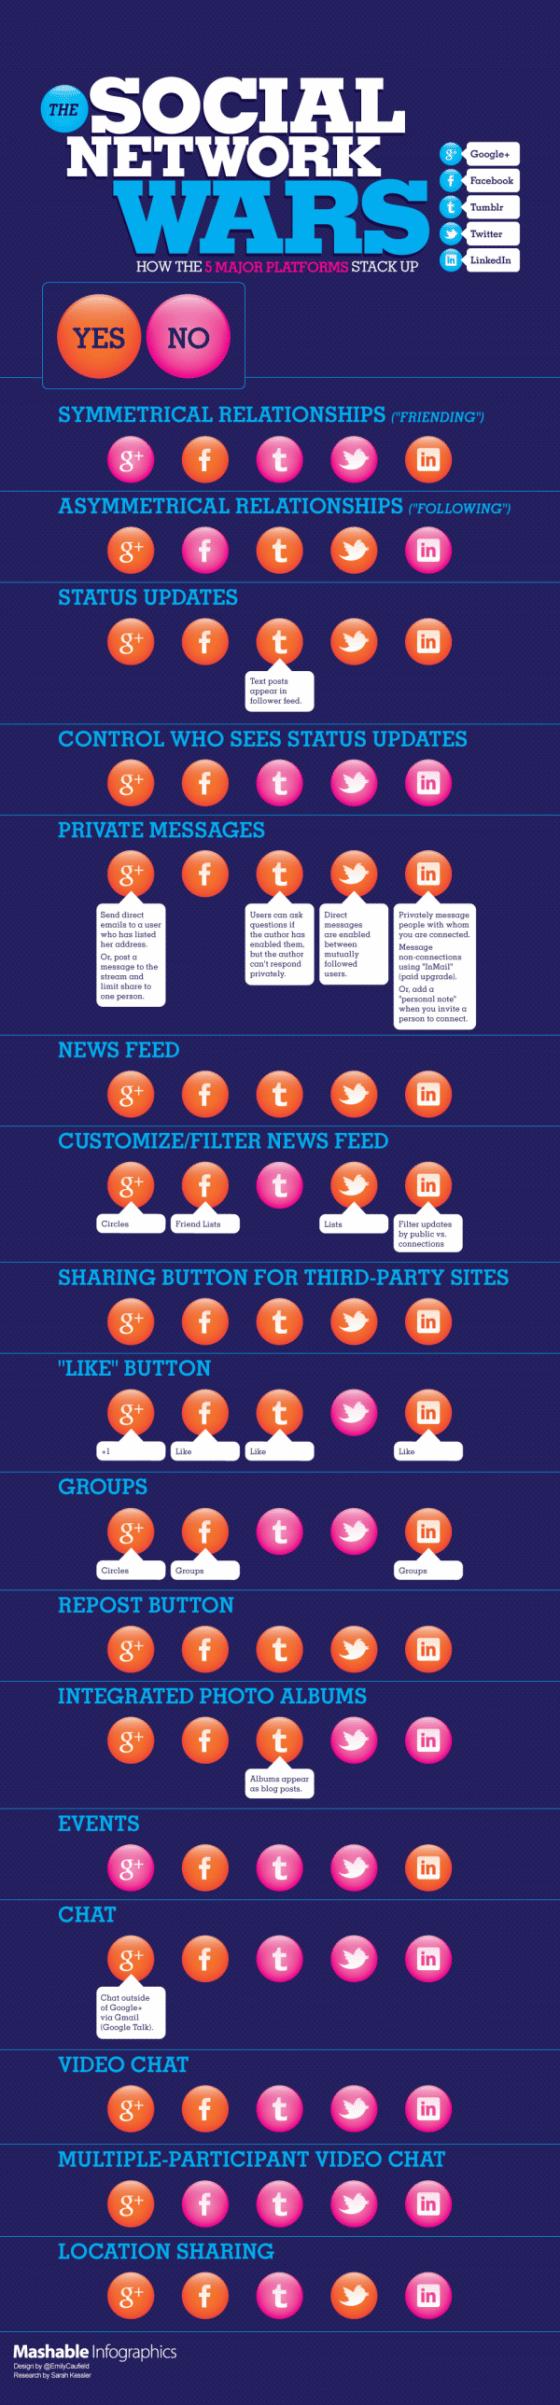 comparaison-reseaux-sociaux-infographie